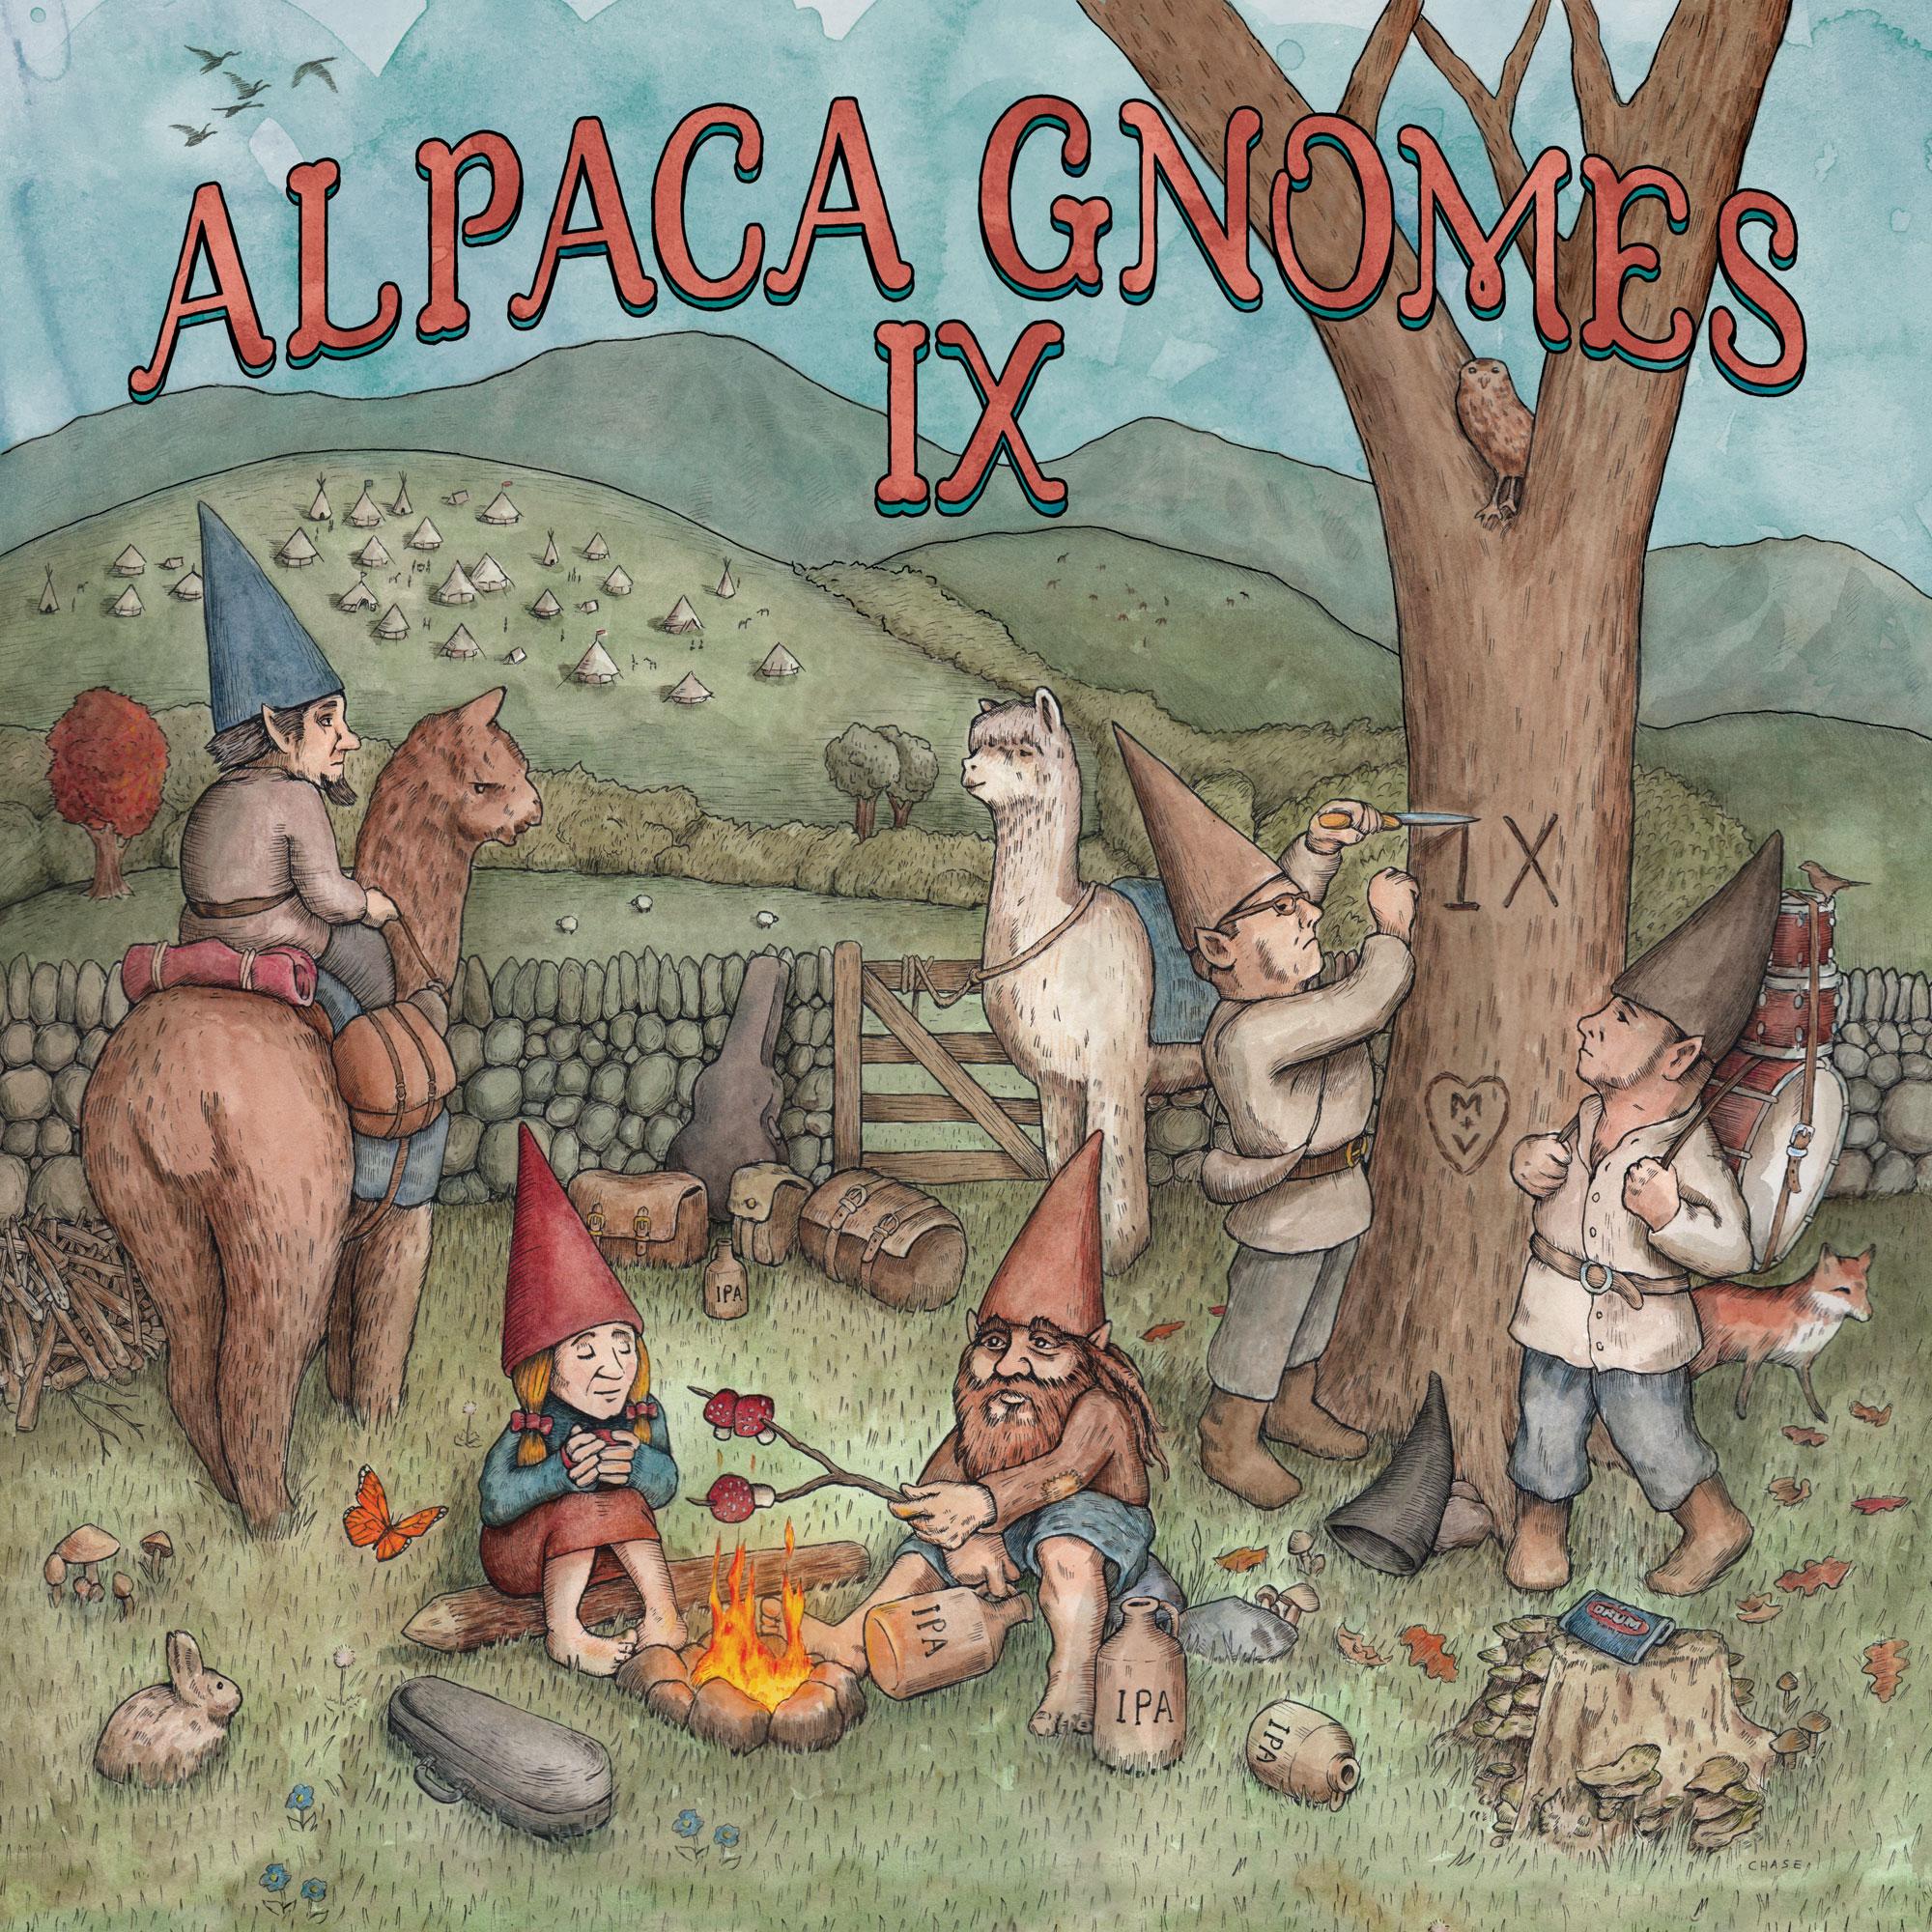 Gnome-Painting-ALBUM